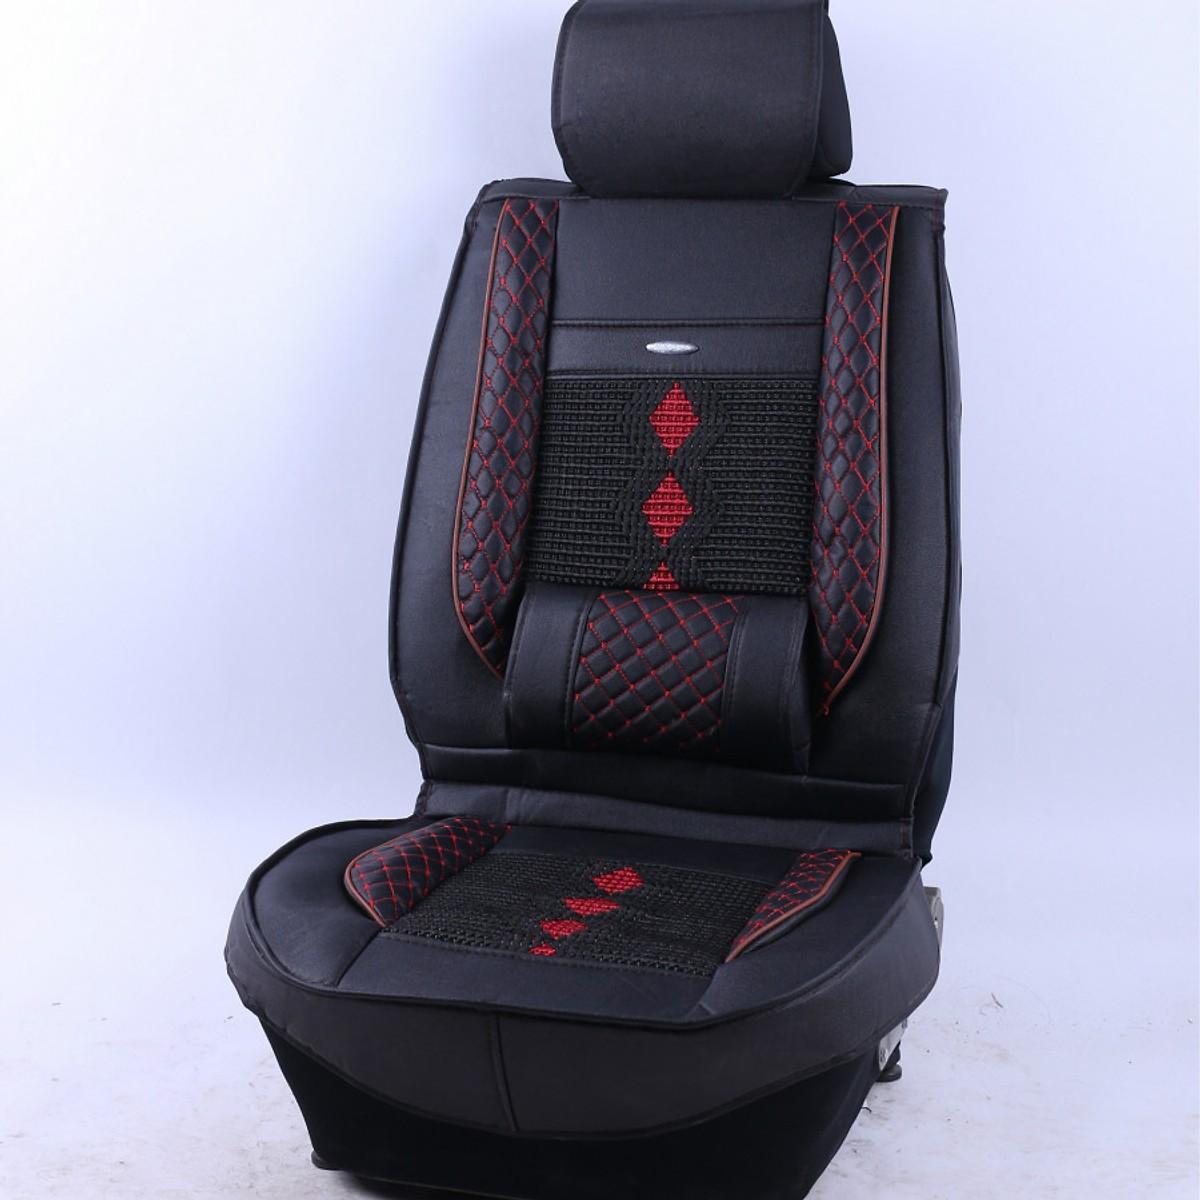 Bọc áo ghế da ô tô cao cấp bản tiêu chuẩn cho ghế lái - Kèm gối tựa lưng ghế xe hơi đẳng cấp